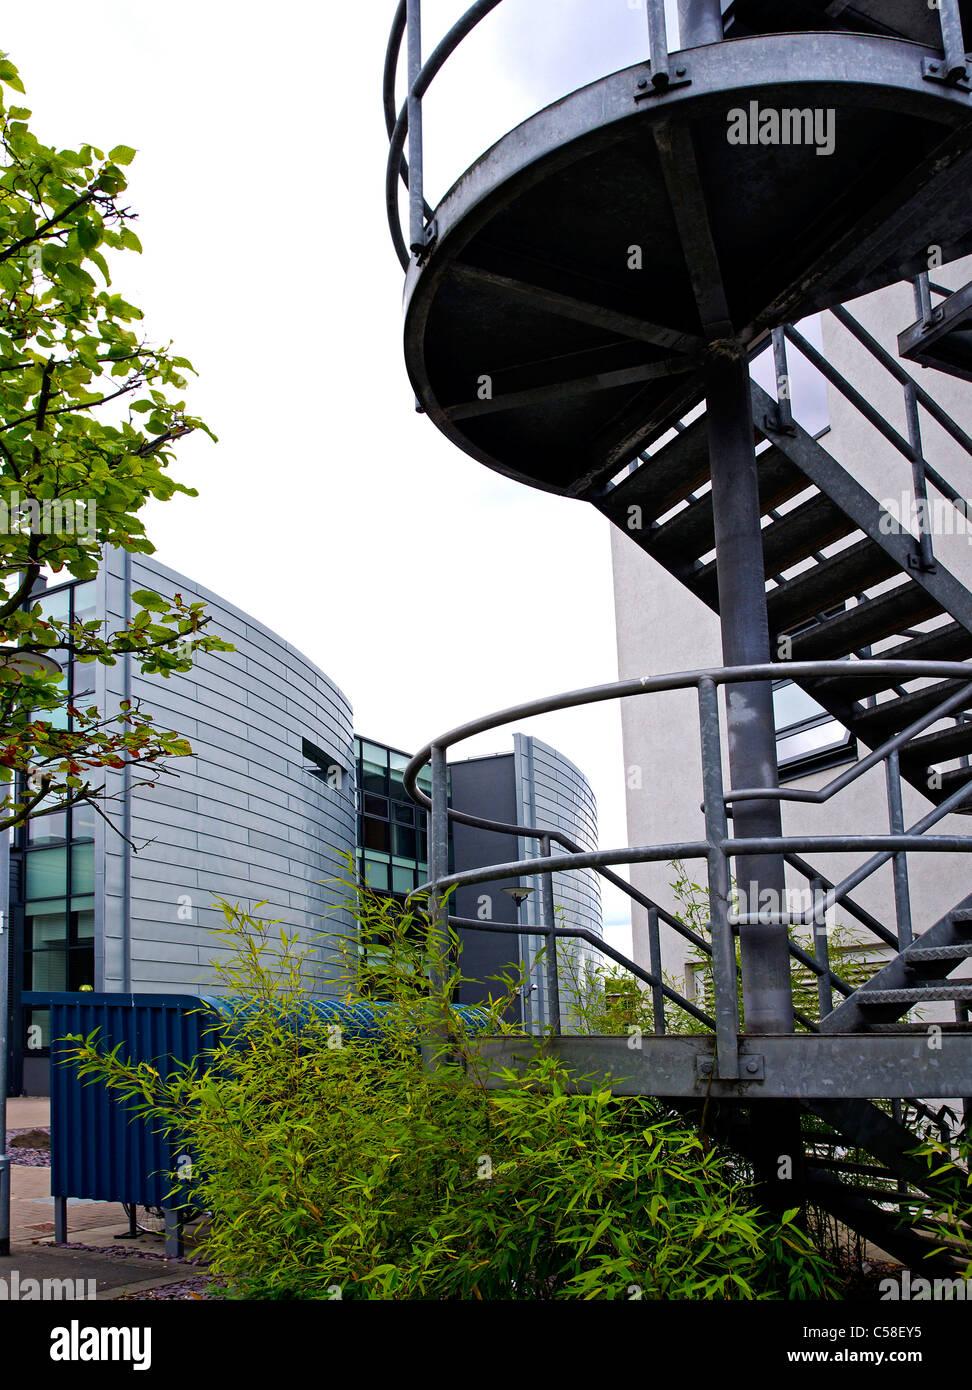 Edificio de acero diseñado por David Morley Associates contiene facilidades especiales para la educación Imagen De Stock